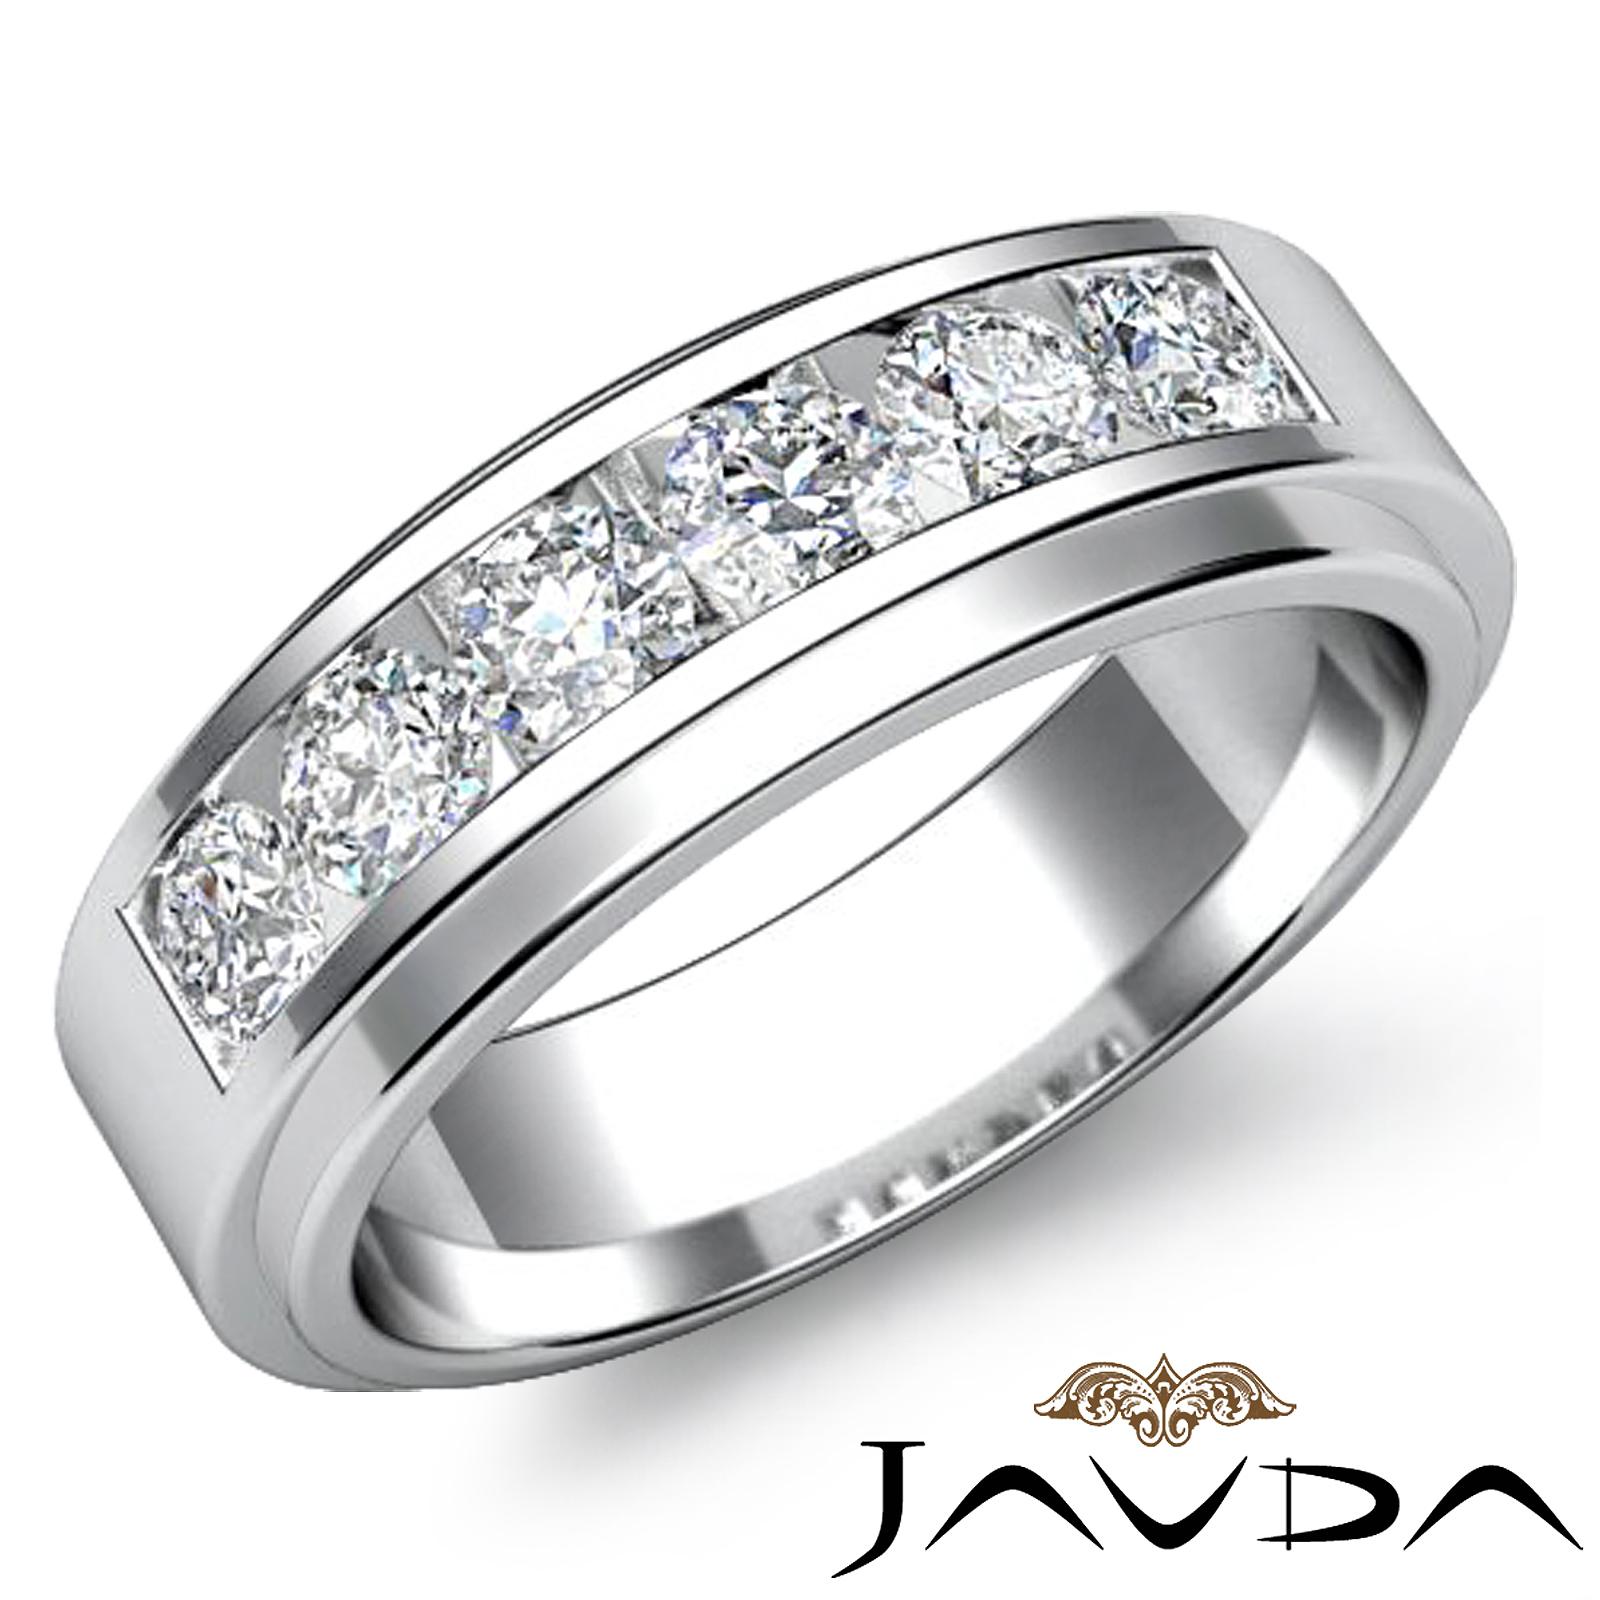 channel sets diamond mens wedding band 18k white gold. Black Bedroom Furniture Sets. Home Design Ideas